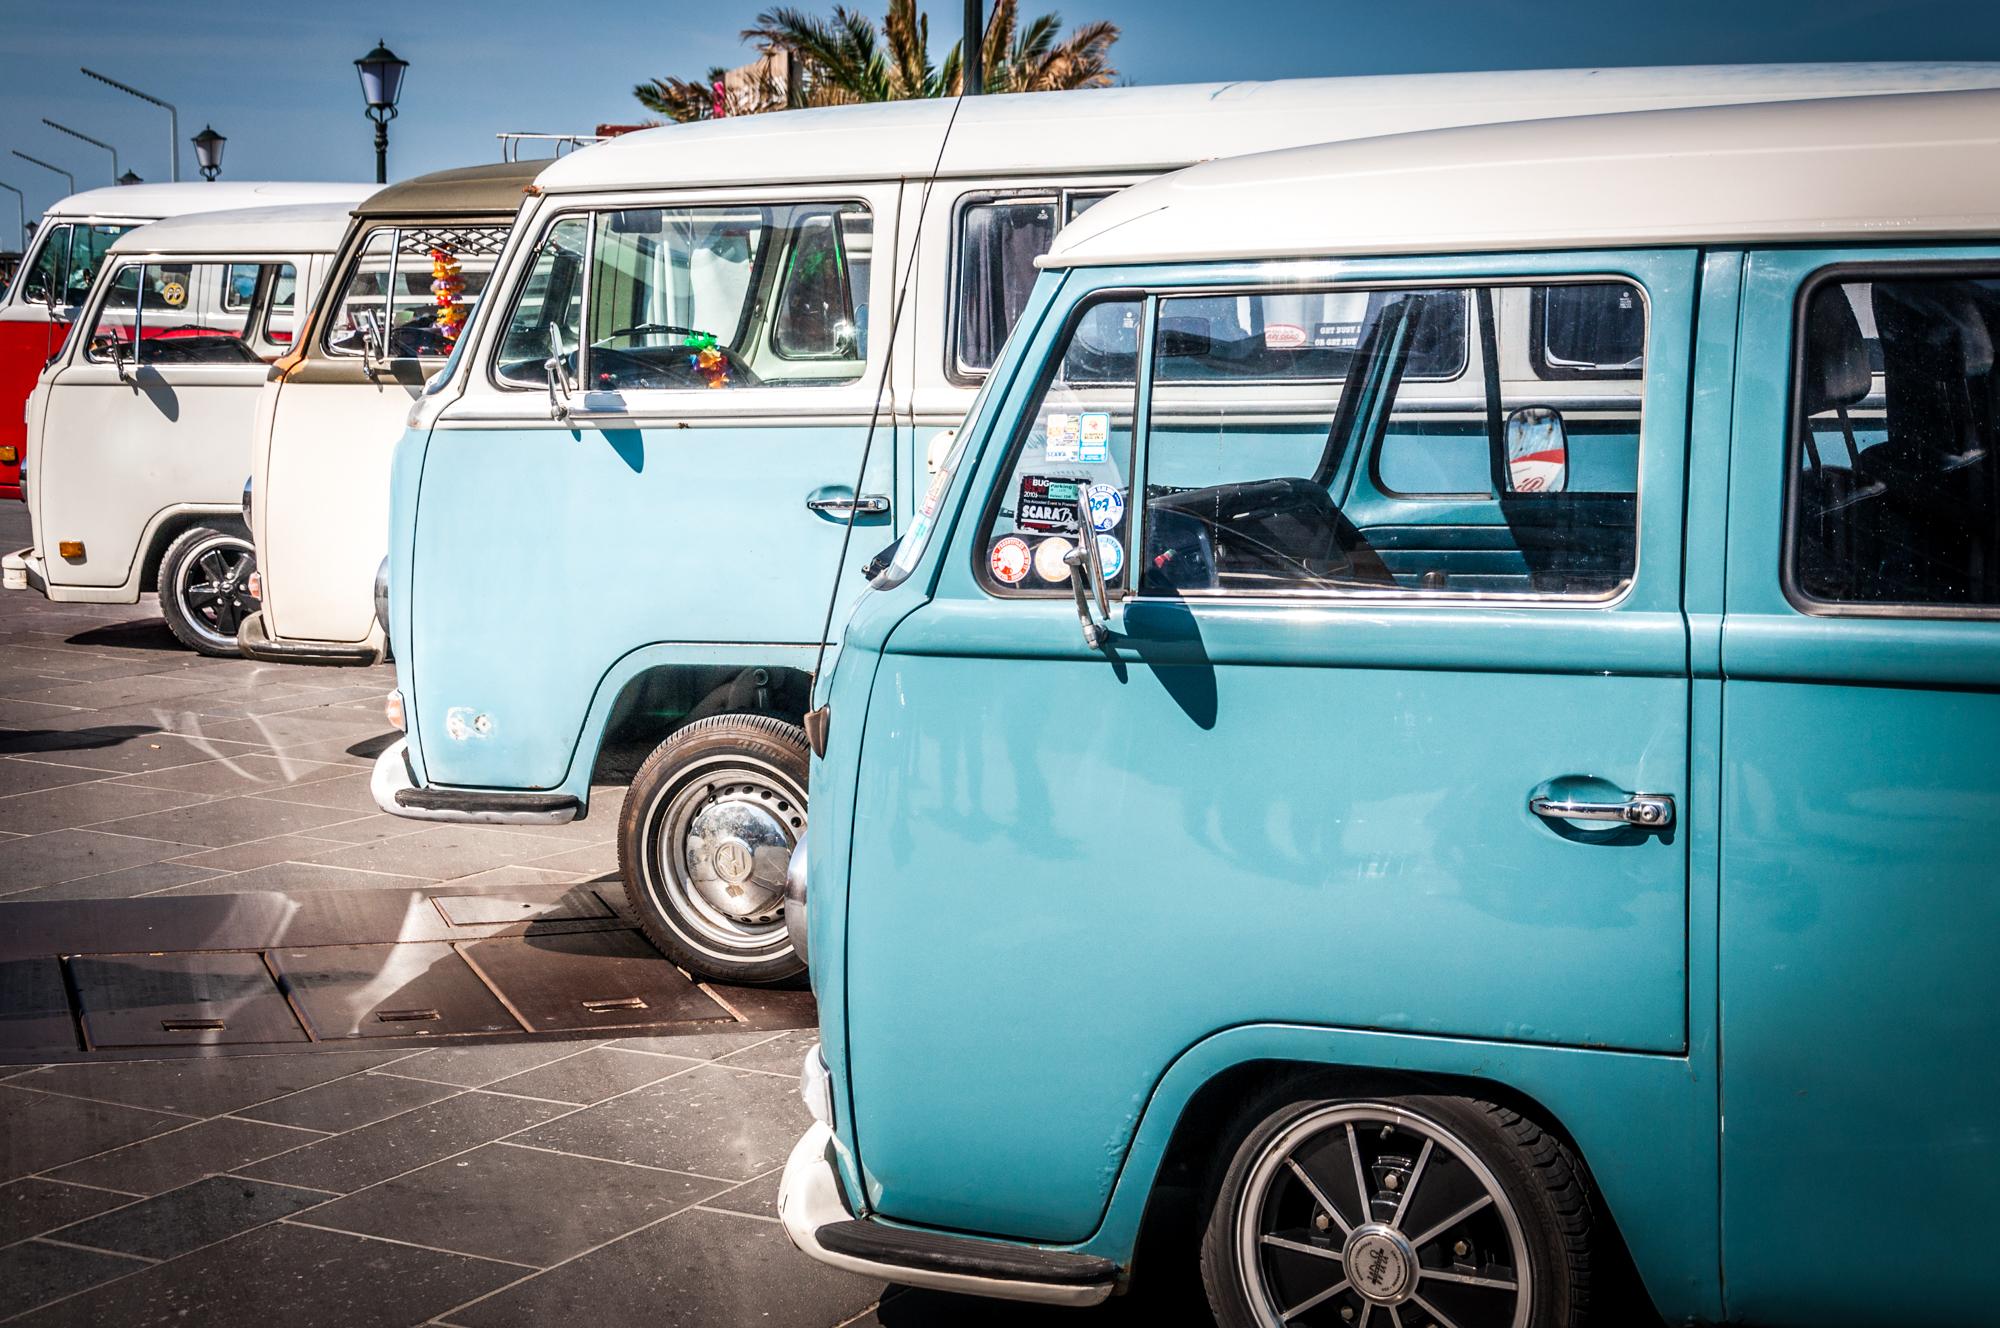 Pasos necesarios para contratar un seguro de furgonetas con el comparador de Kelisto